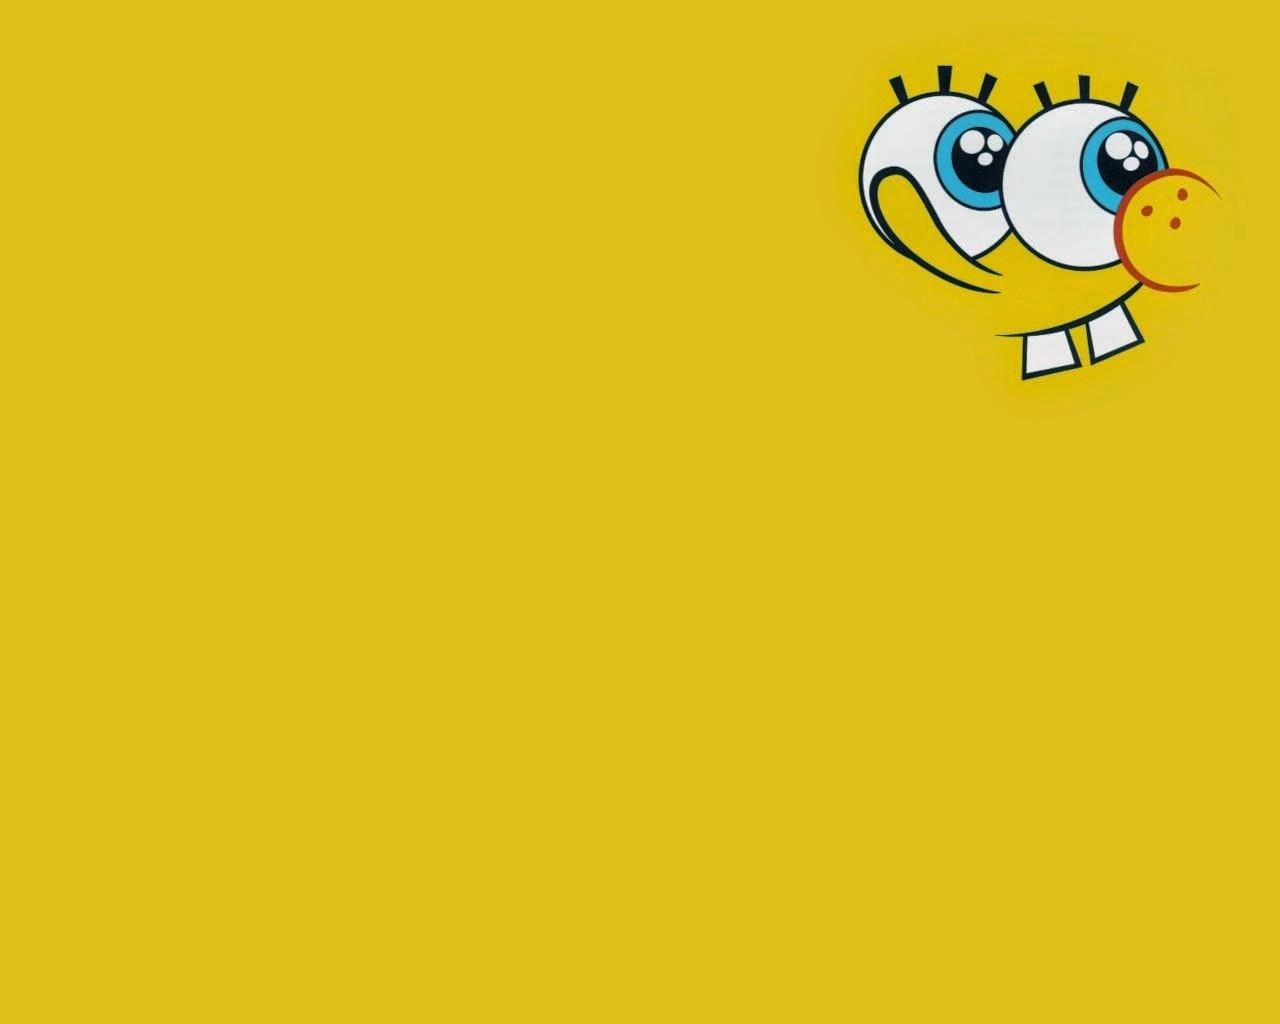 Bob Esponja Sonriente: Fondos De Pantalla Bob Esponja Blog Esponja